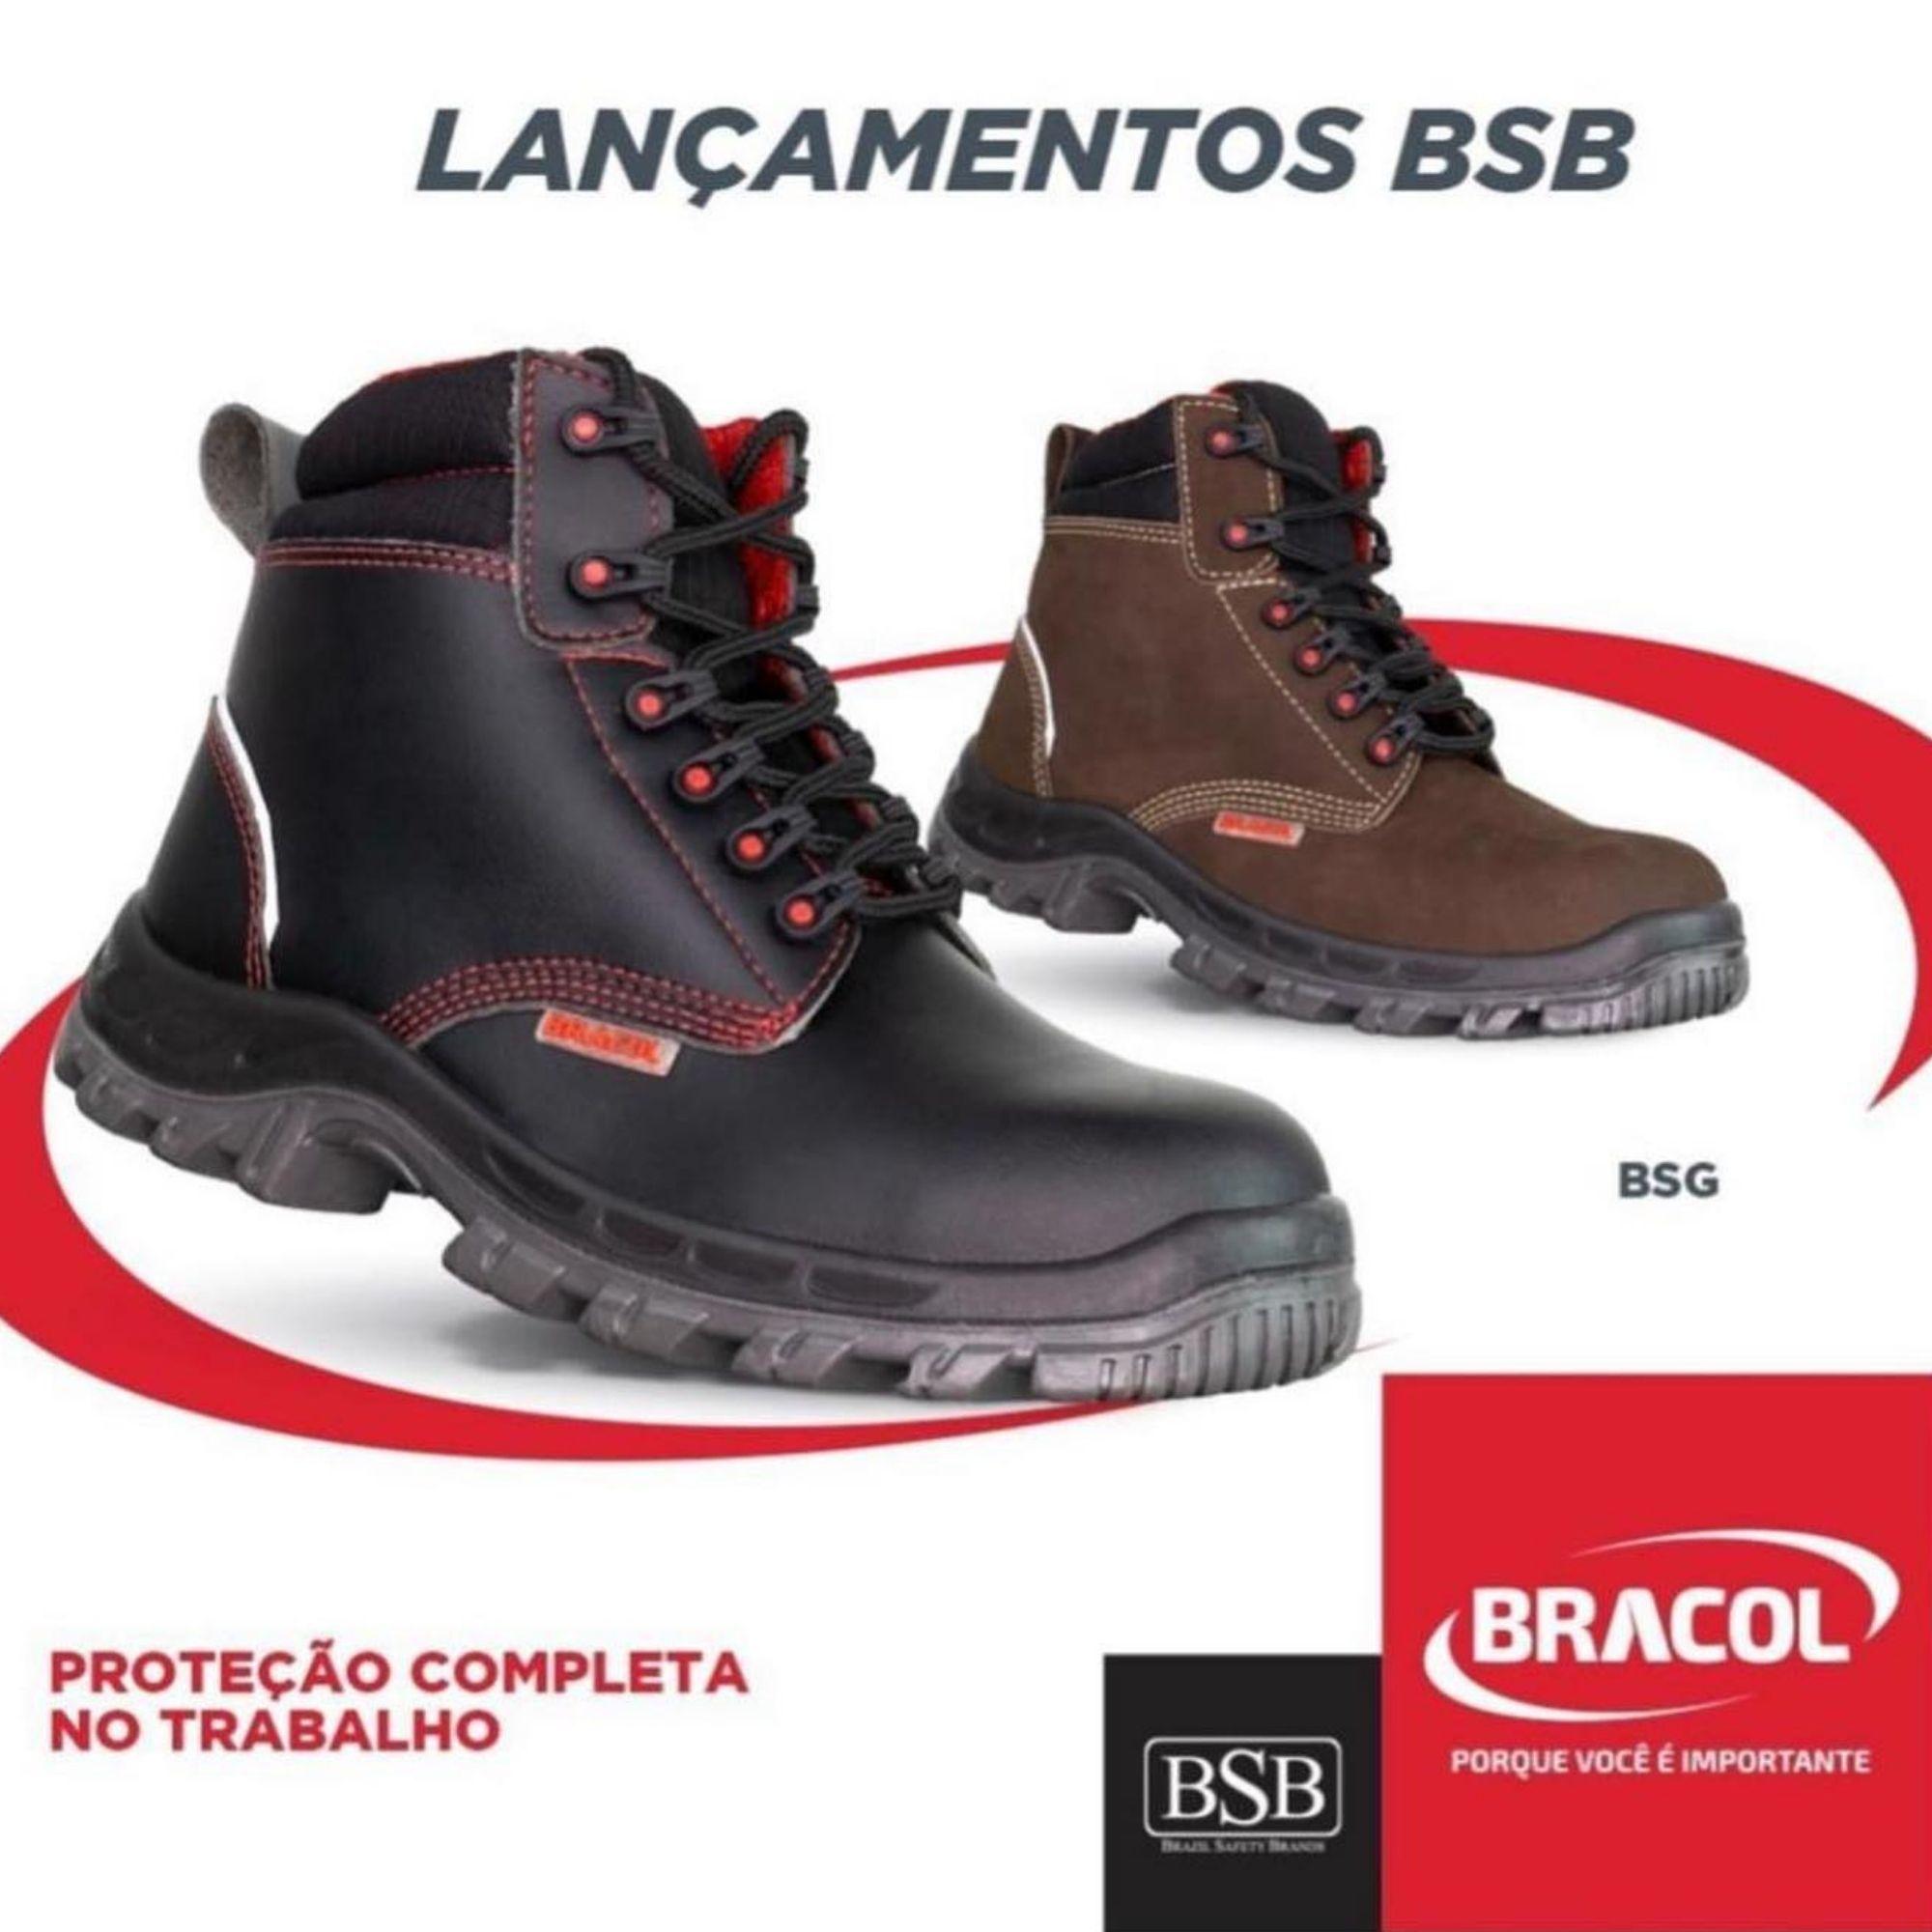 BOTINA DE SEGURANÇA MICROFIBRA BRACOL  4018BSGM4700LL- CA42015  - DE PAULA EPI